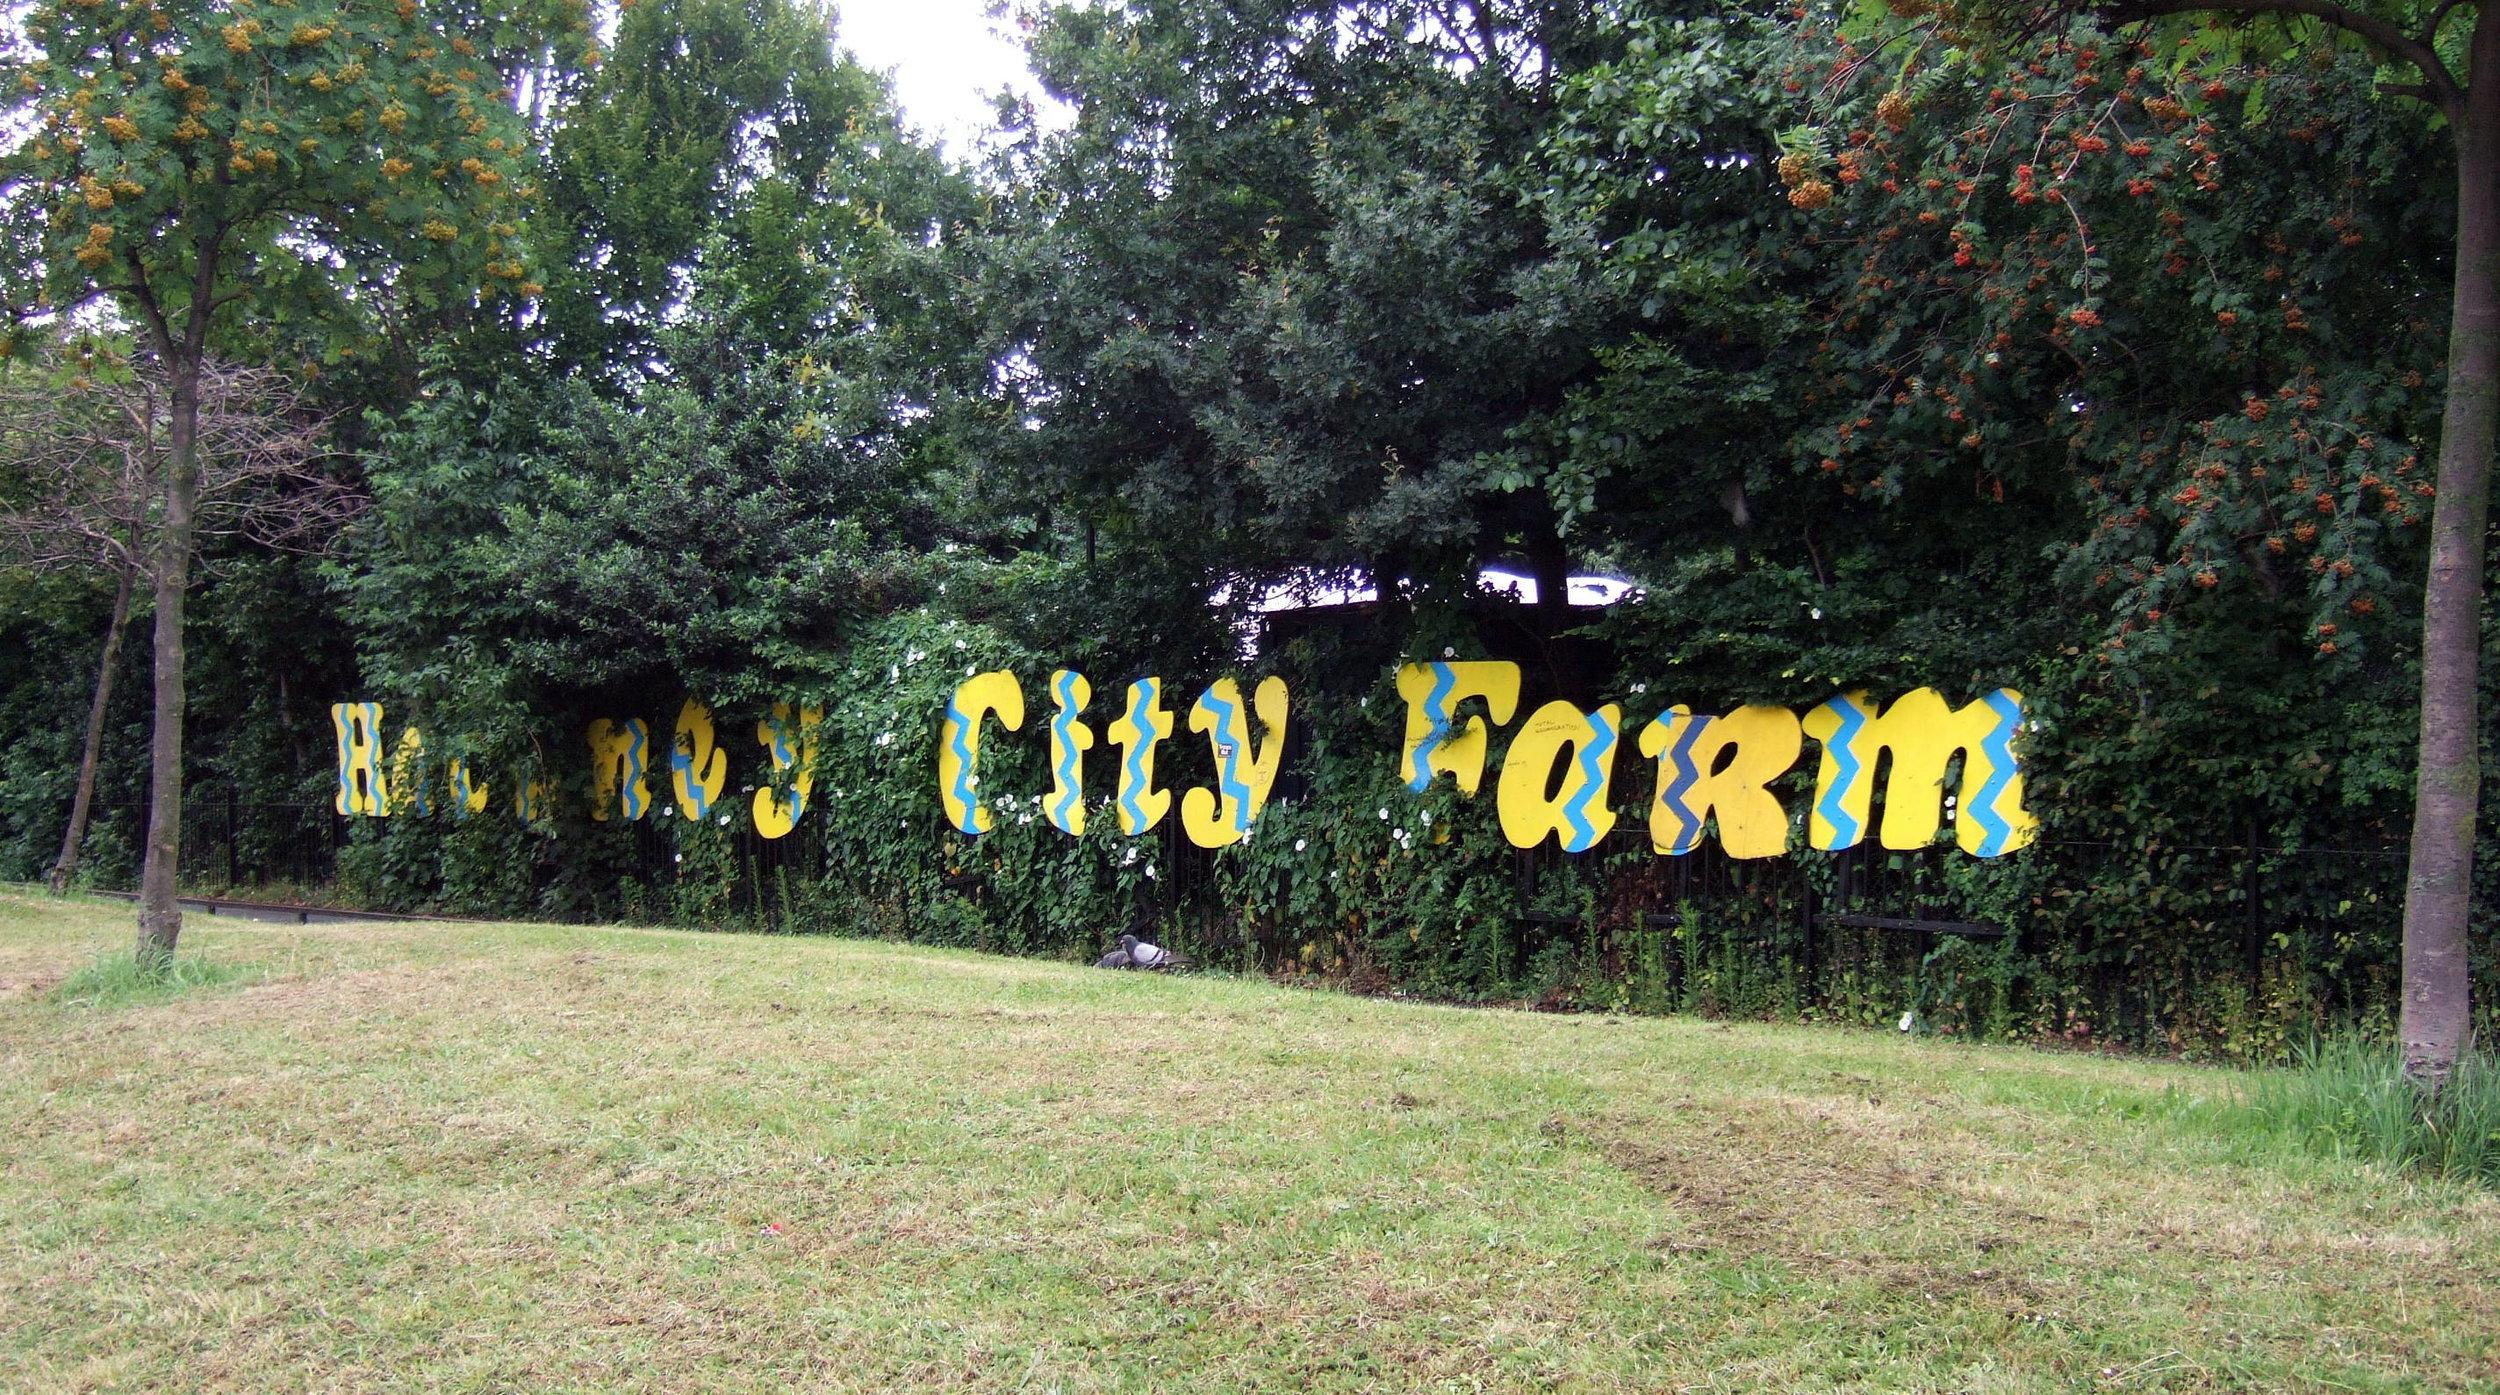 Hackney_City_Farm_sign_in_2007.jpg